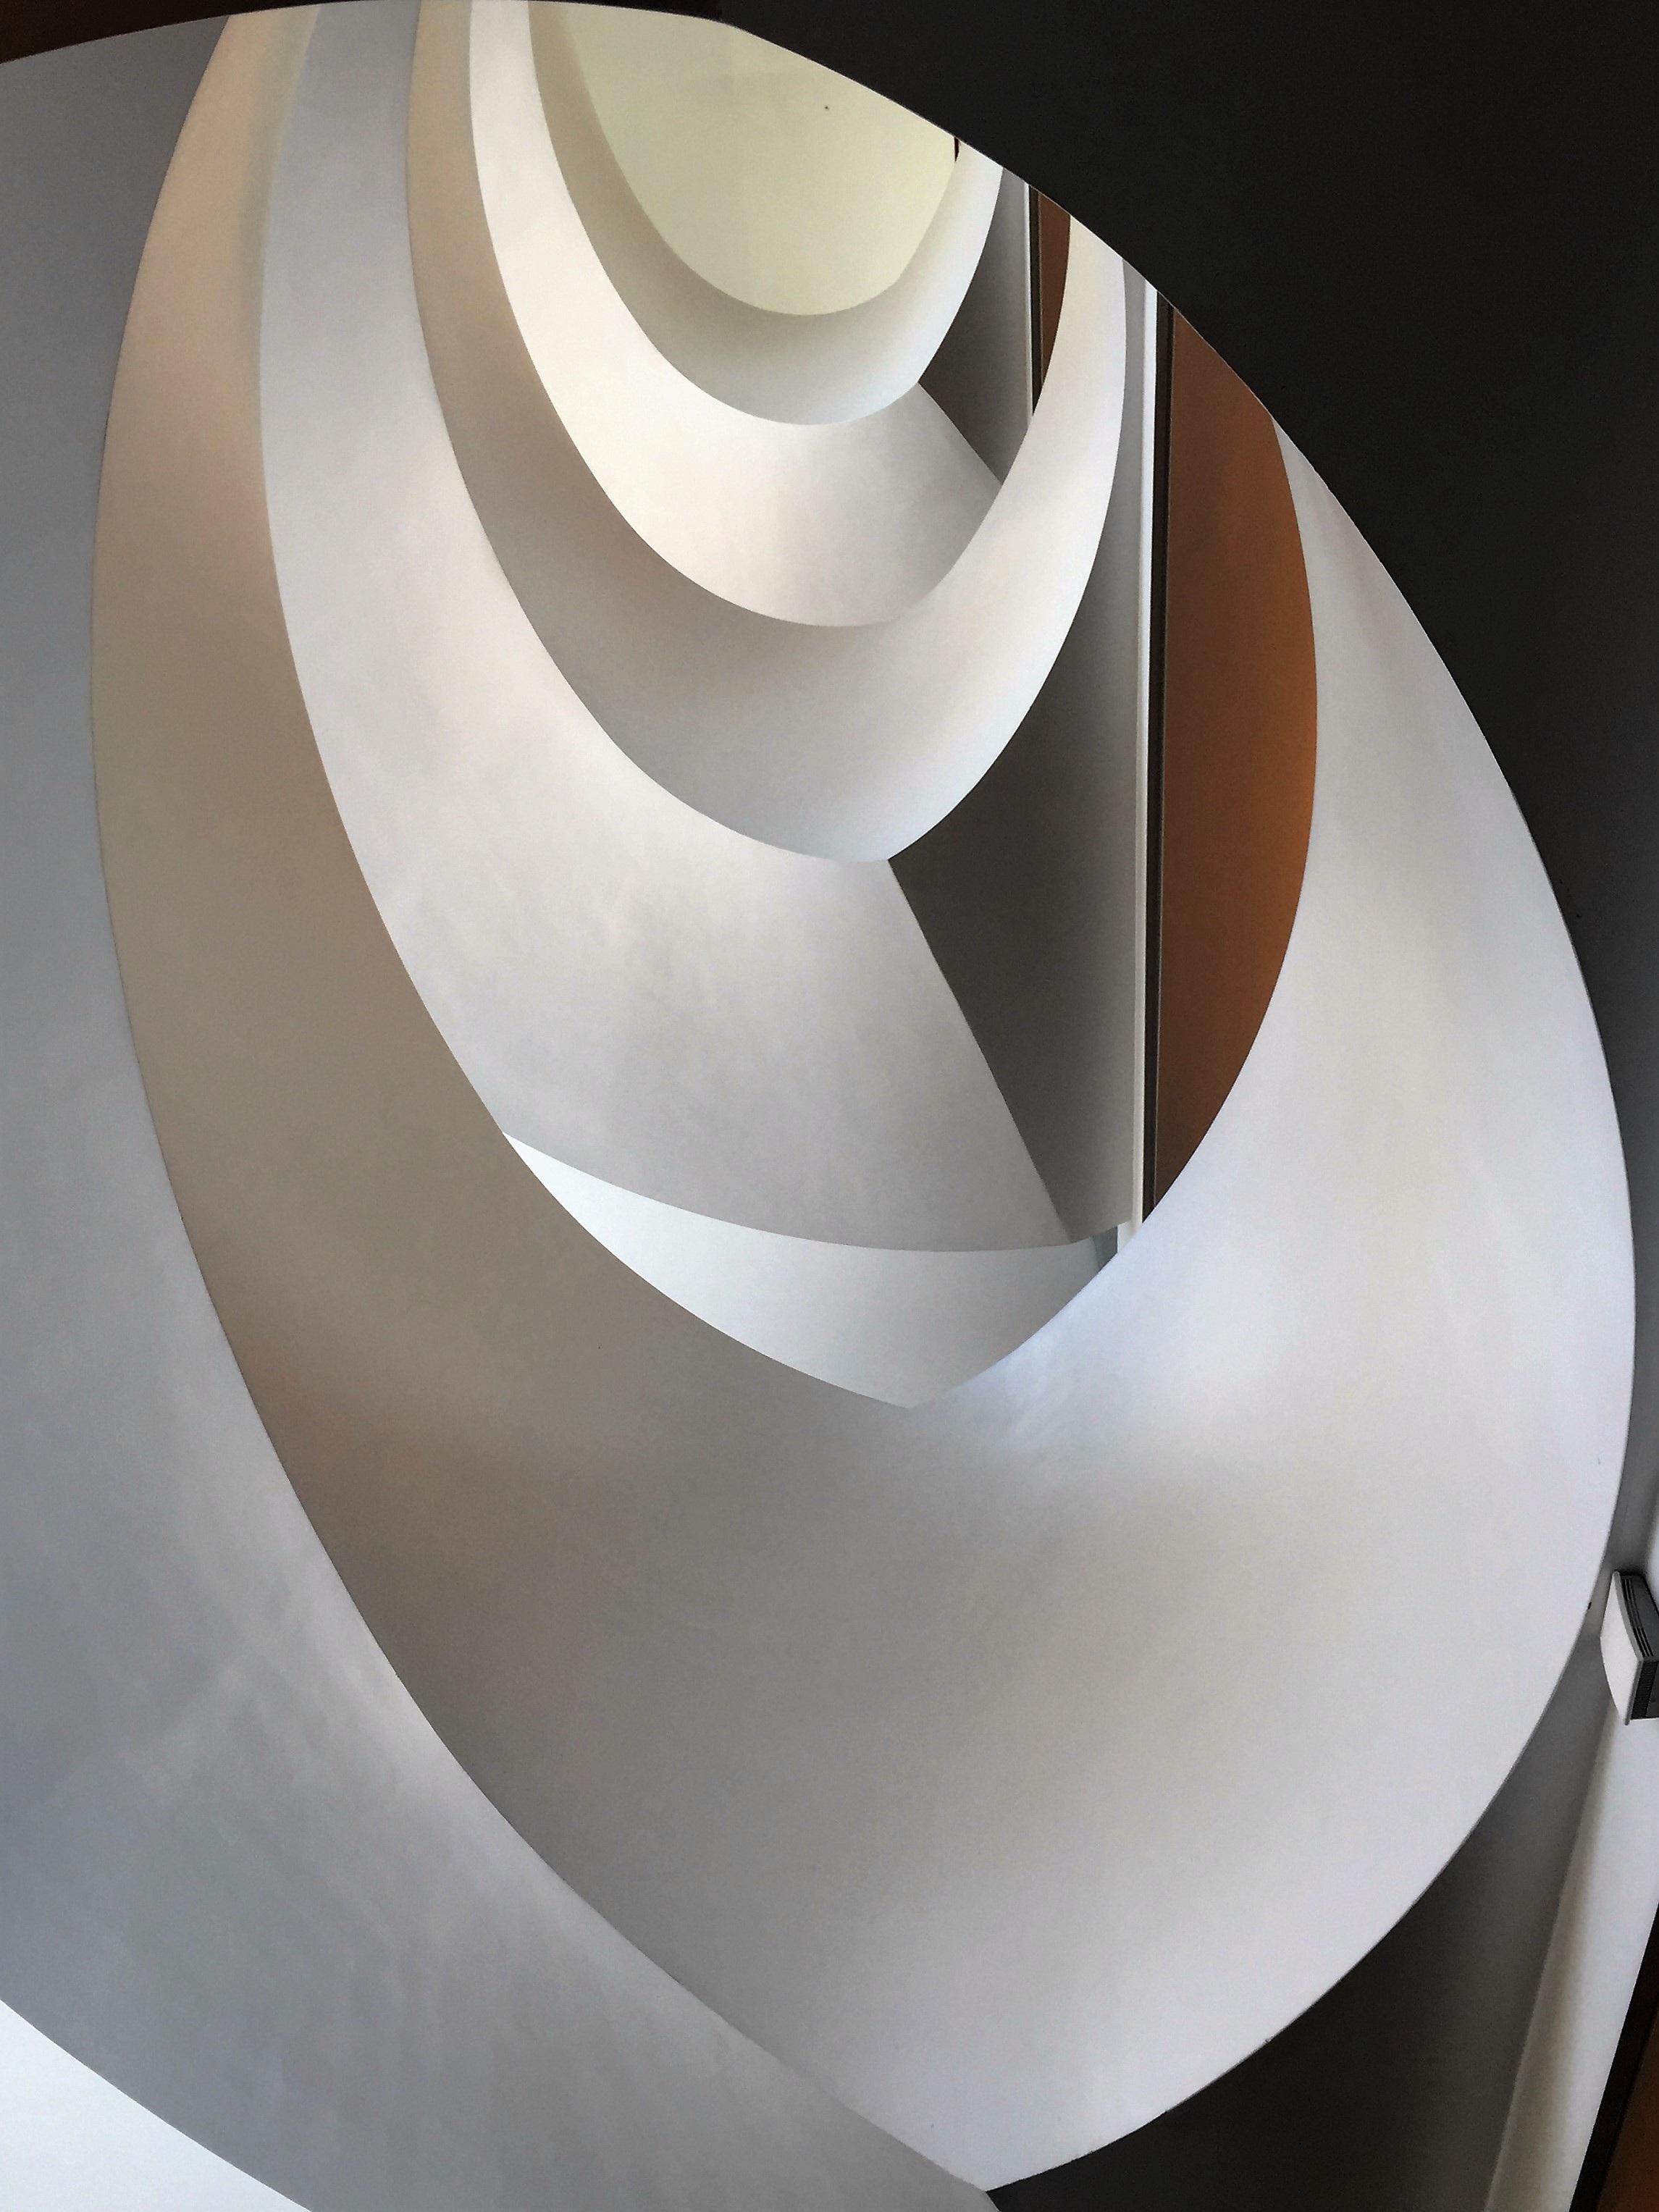 무료 이미지 : 건축물, 화이트, 바퀴, 나선, 건물, 계단, 천장 ...